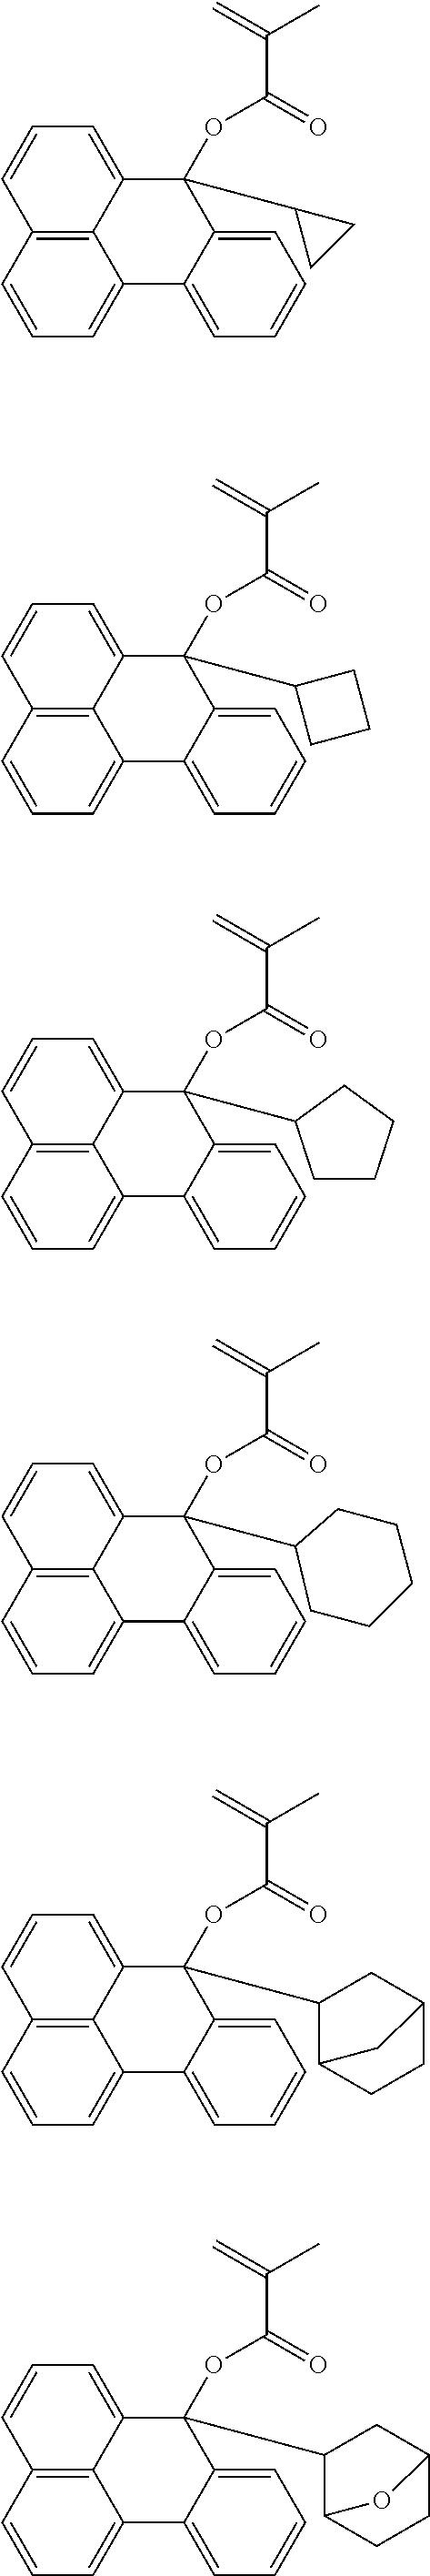 Figure US09040223-20150526-C00110